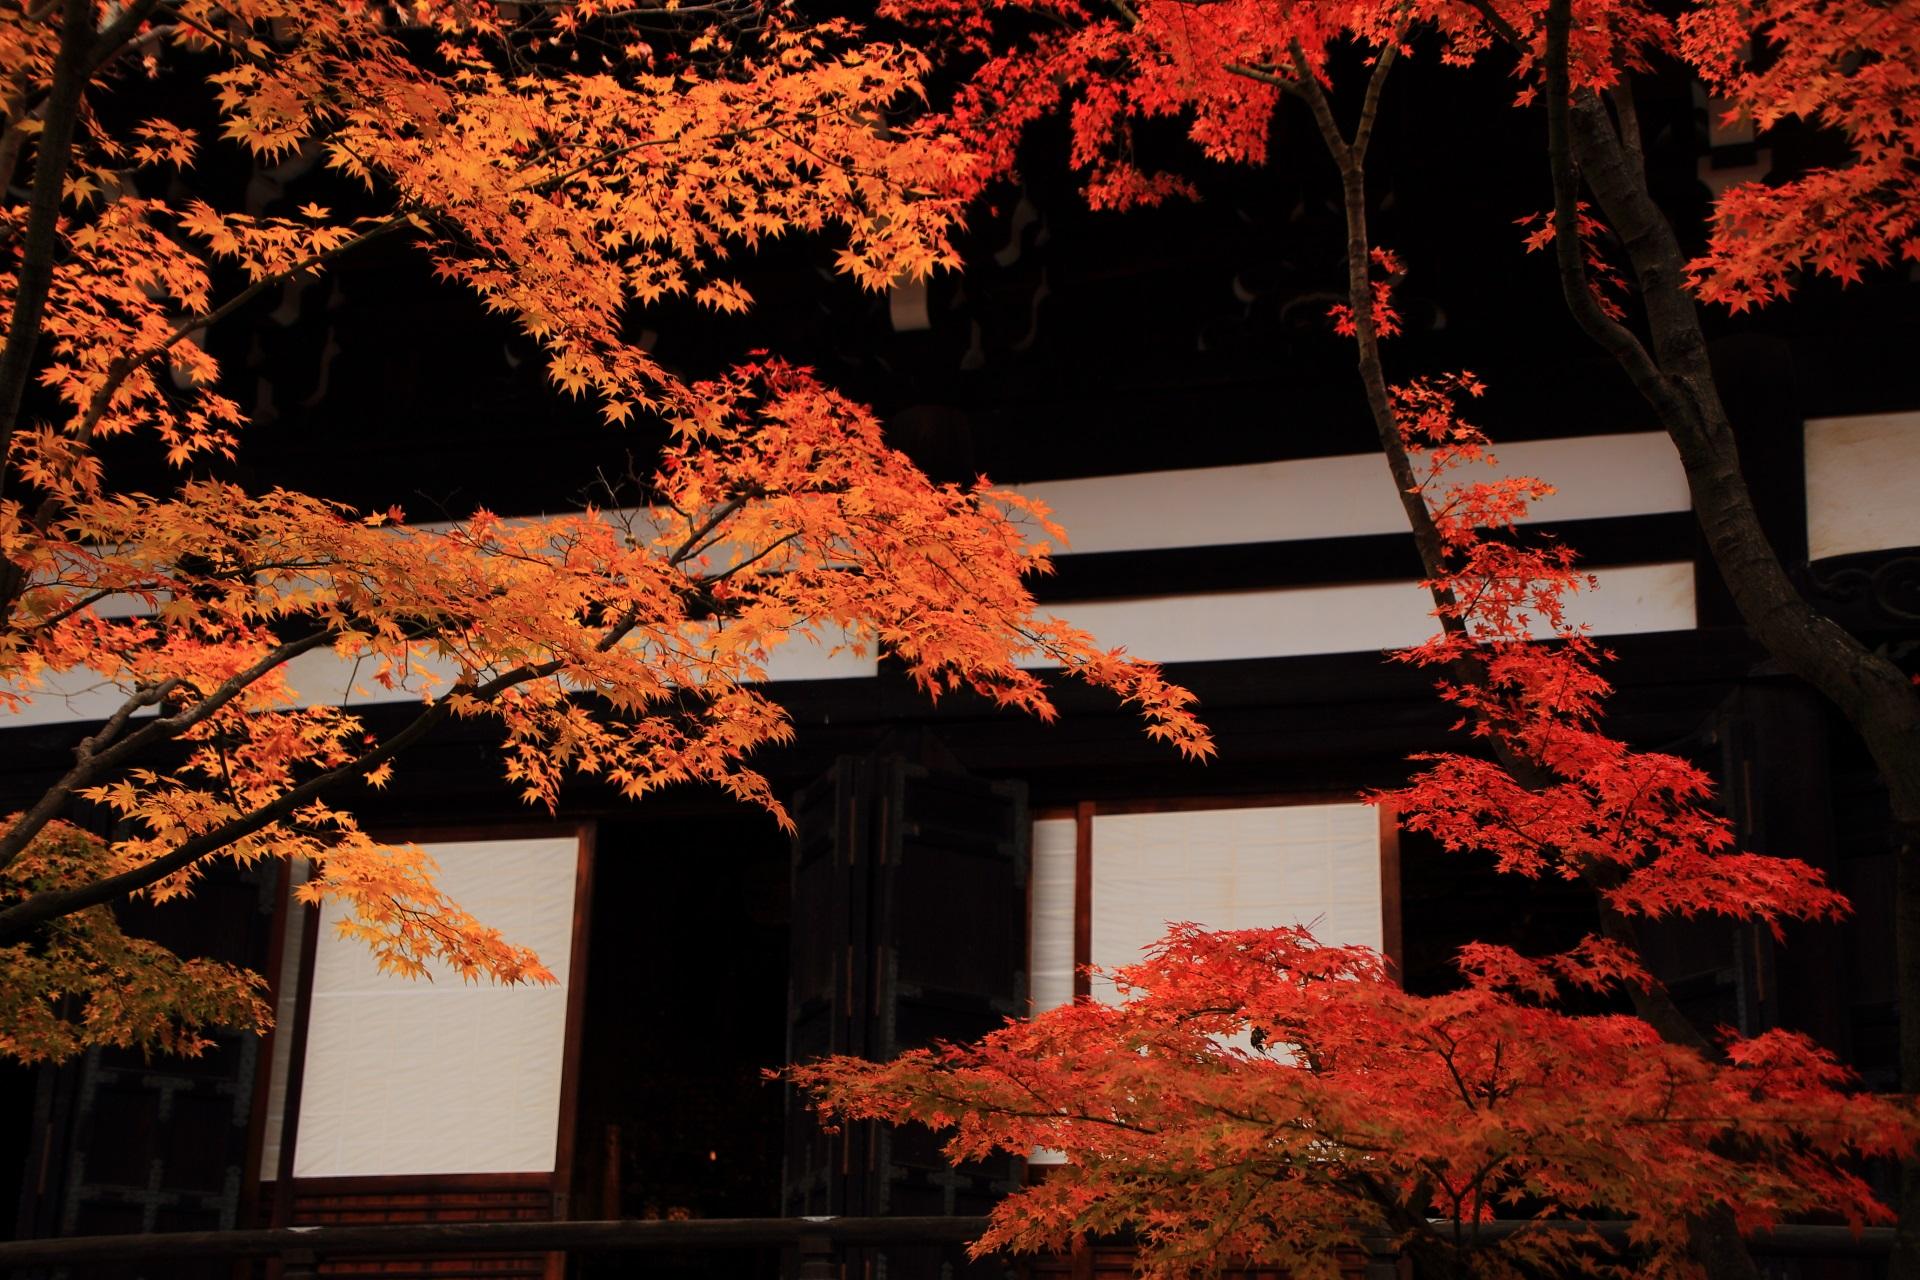 本堂を背景にした紅葉の絵になる秋の風景